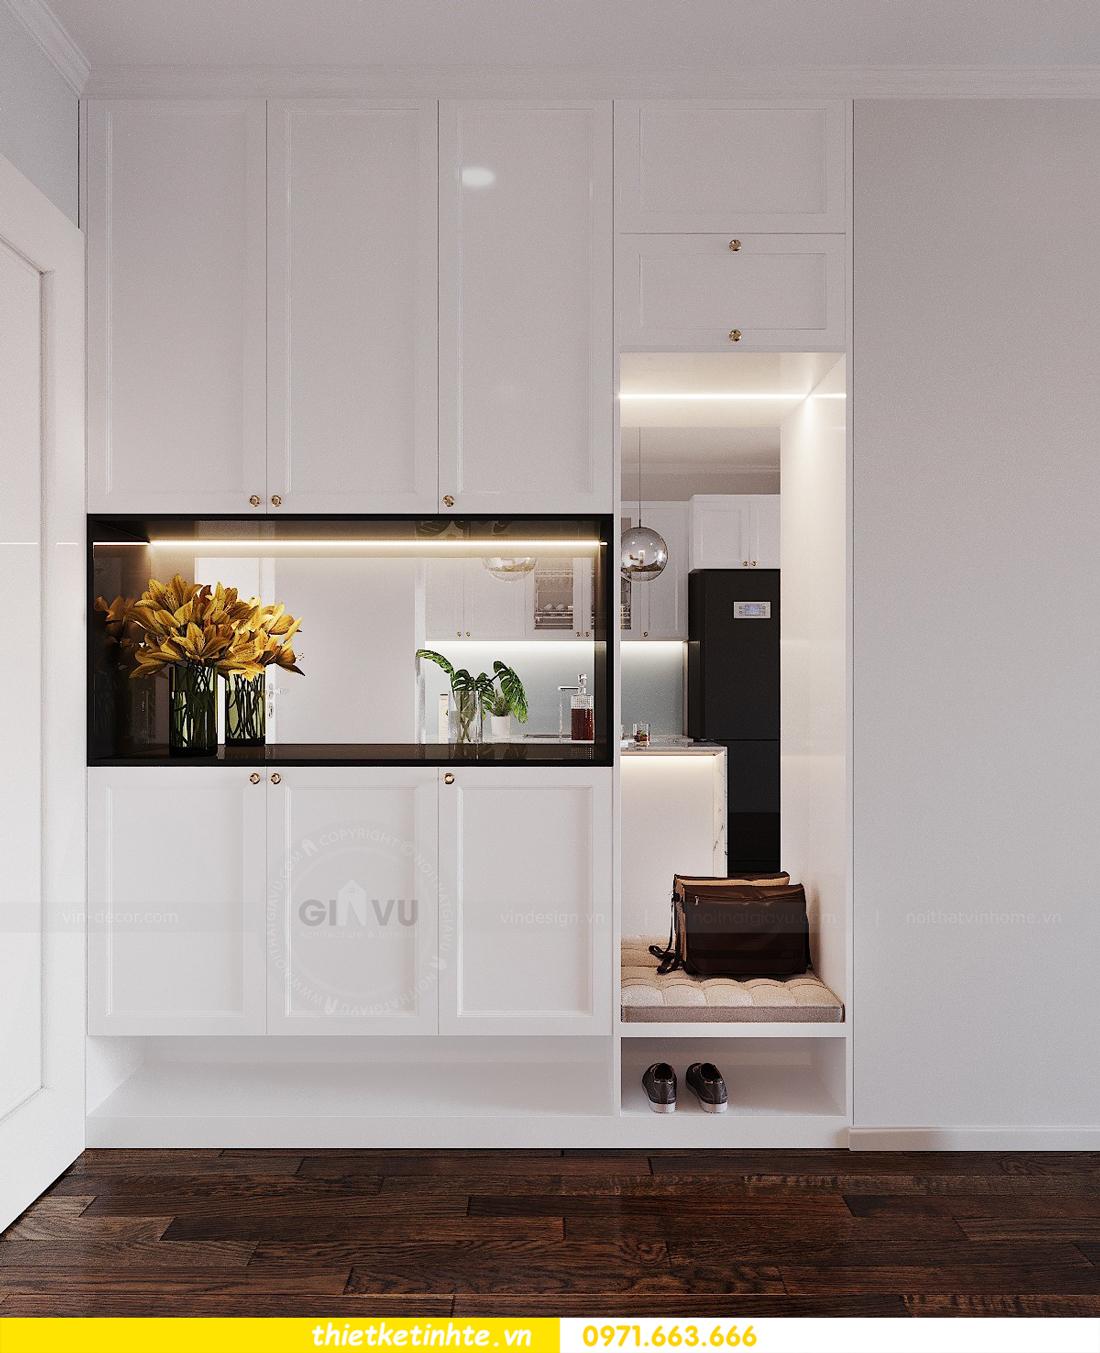 thiết kế thi công nội thất chung cư Sunshine Riverside chị My 01